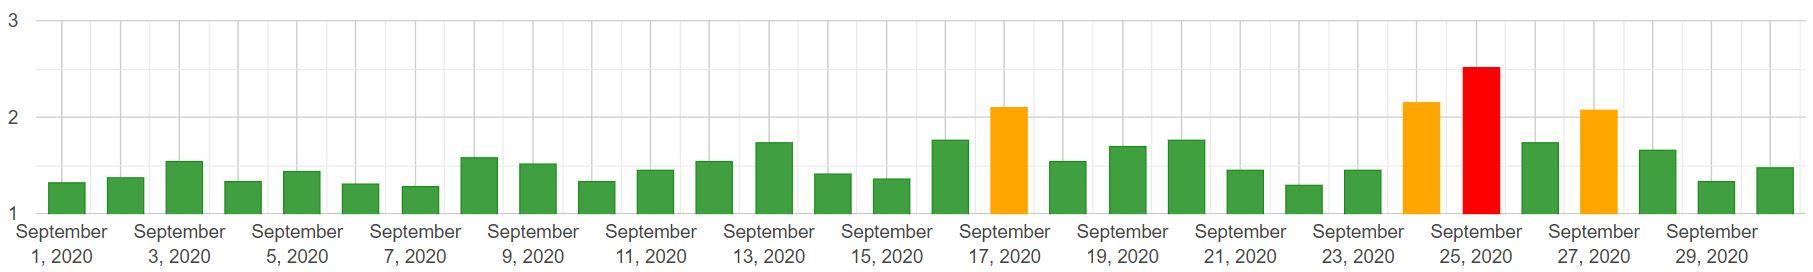 Algoroo: zmiany w SERP (mobile) - wrzesień 2020